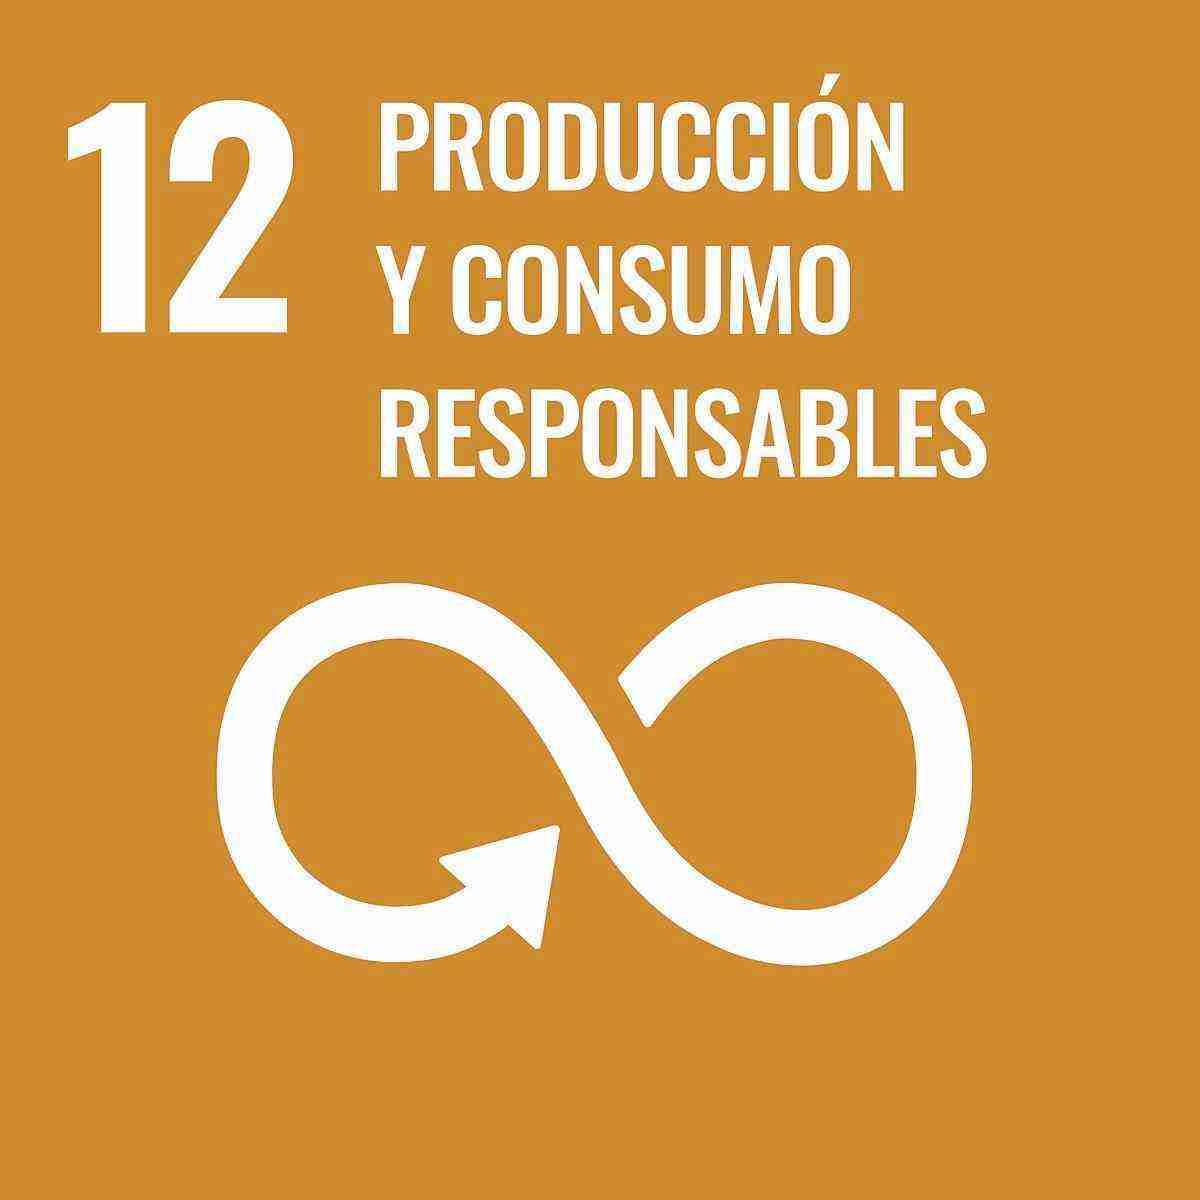 objetivo sostenible